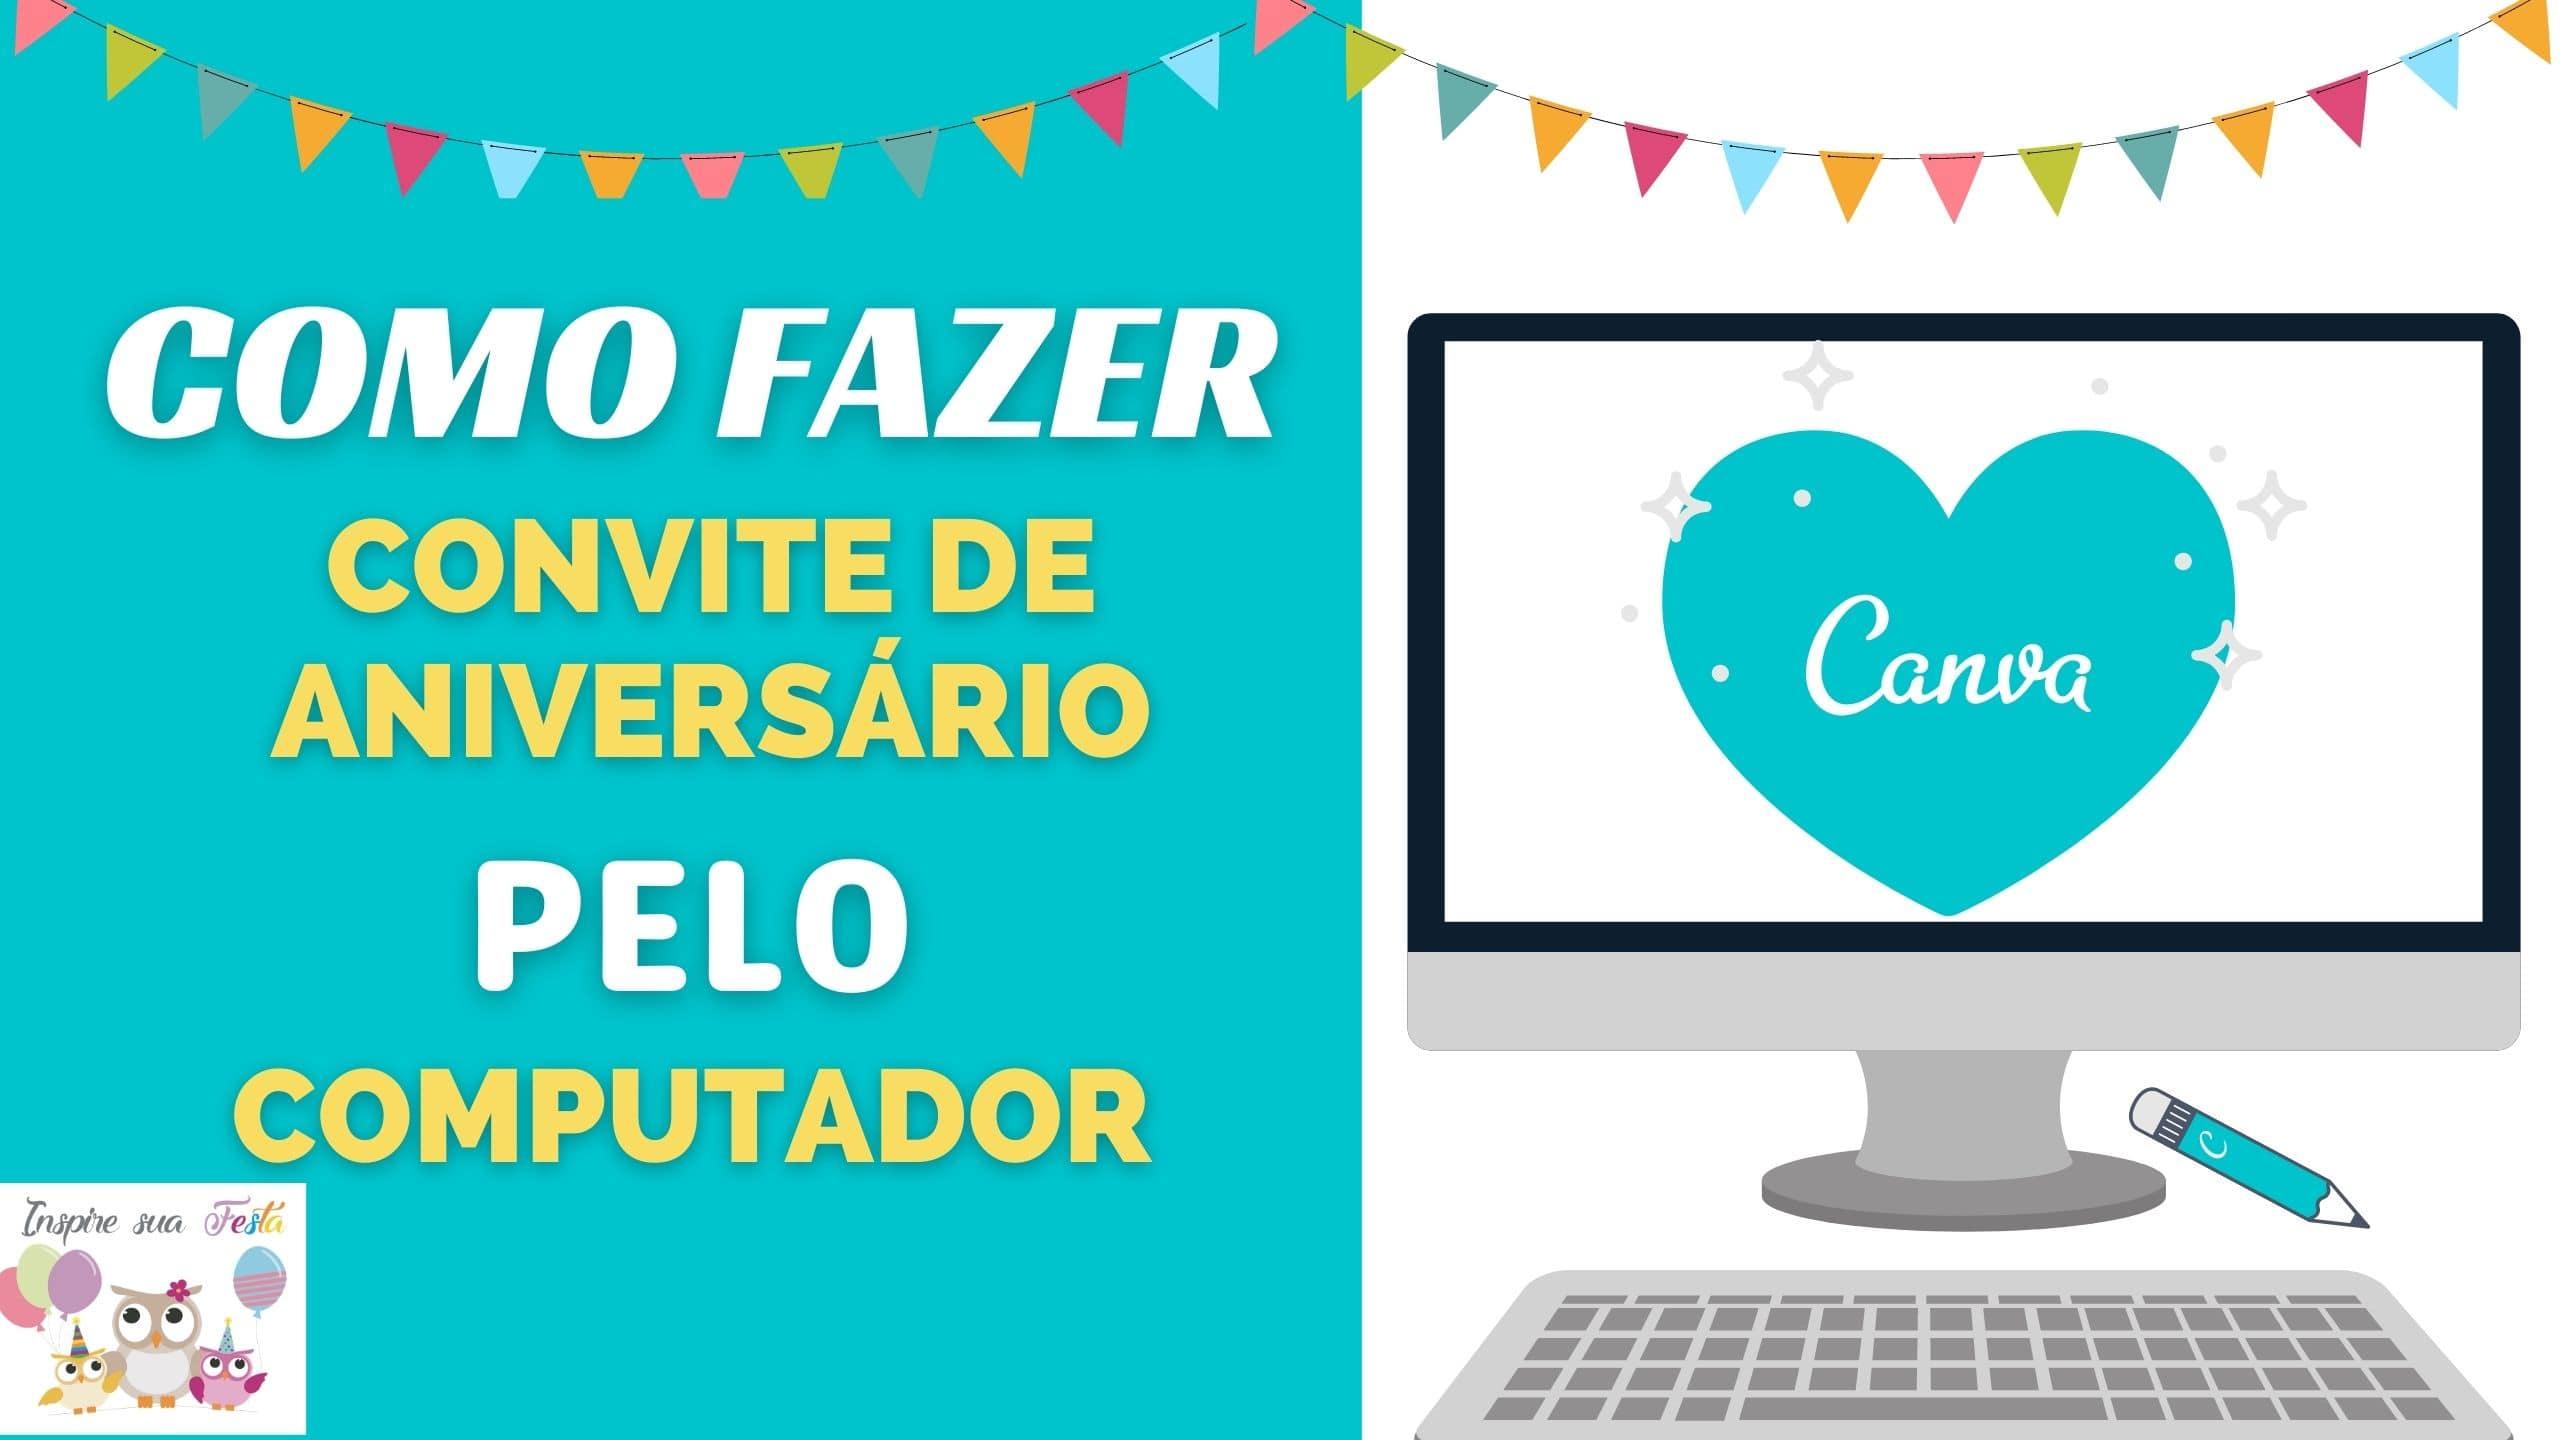 Como fazer um convite de aniversário pelo computador usando o CANVA